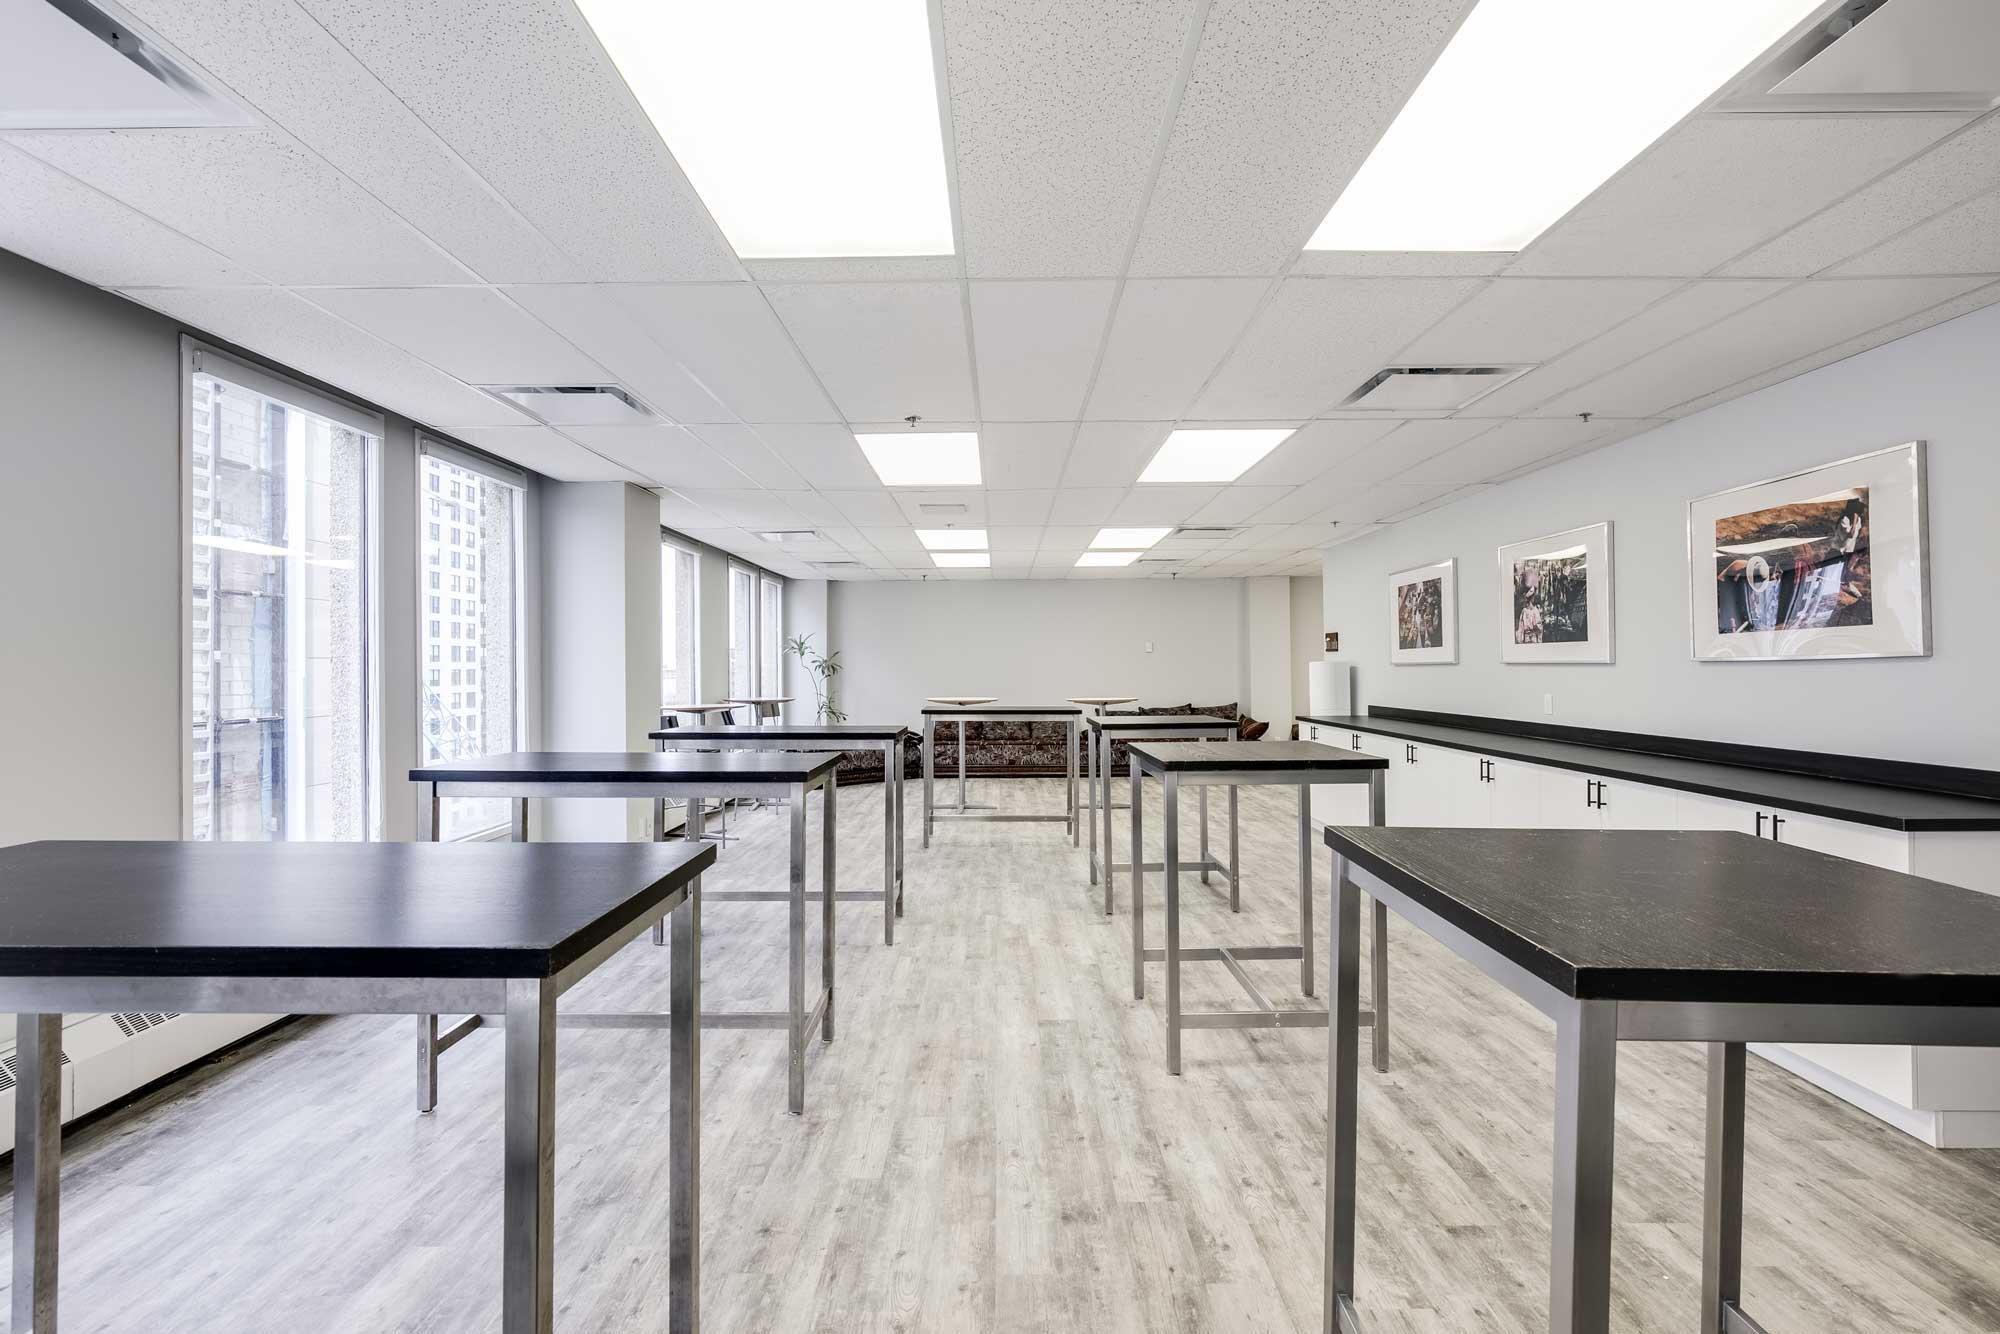 cafétéria dans une entreprise avec tables hautes et plancher en vinyle gris